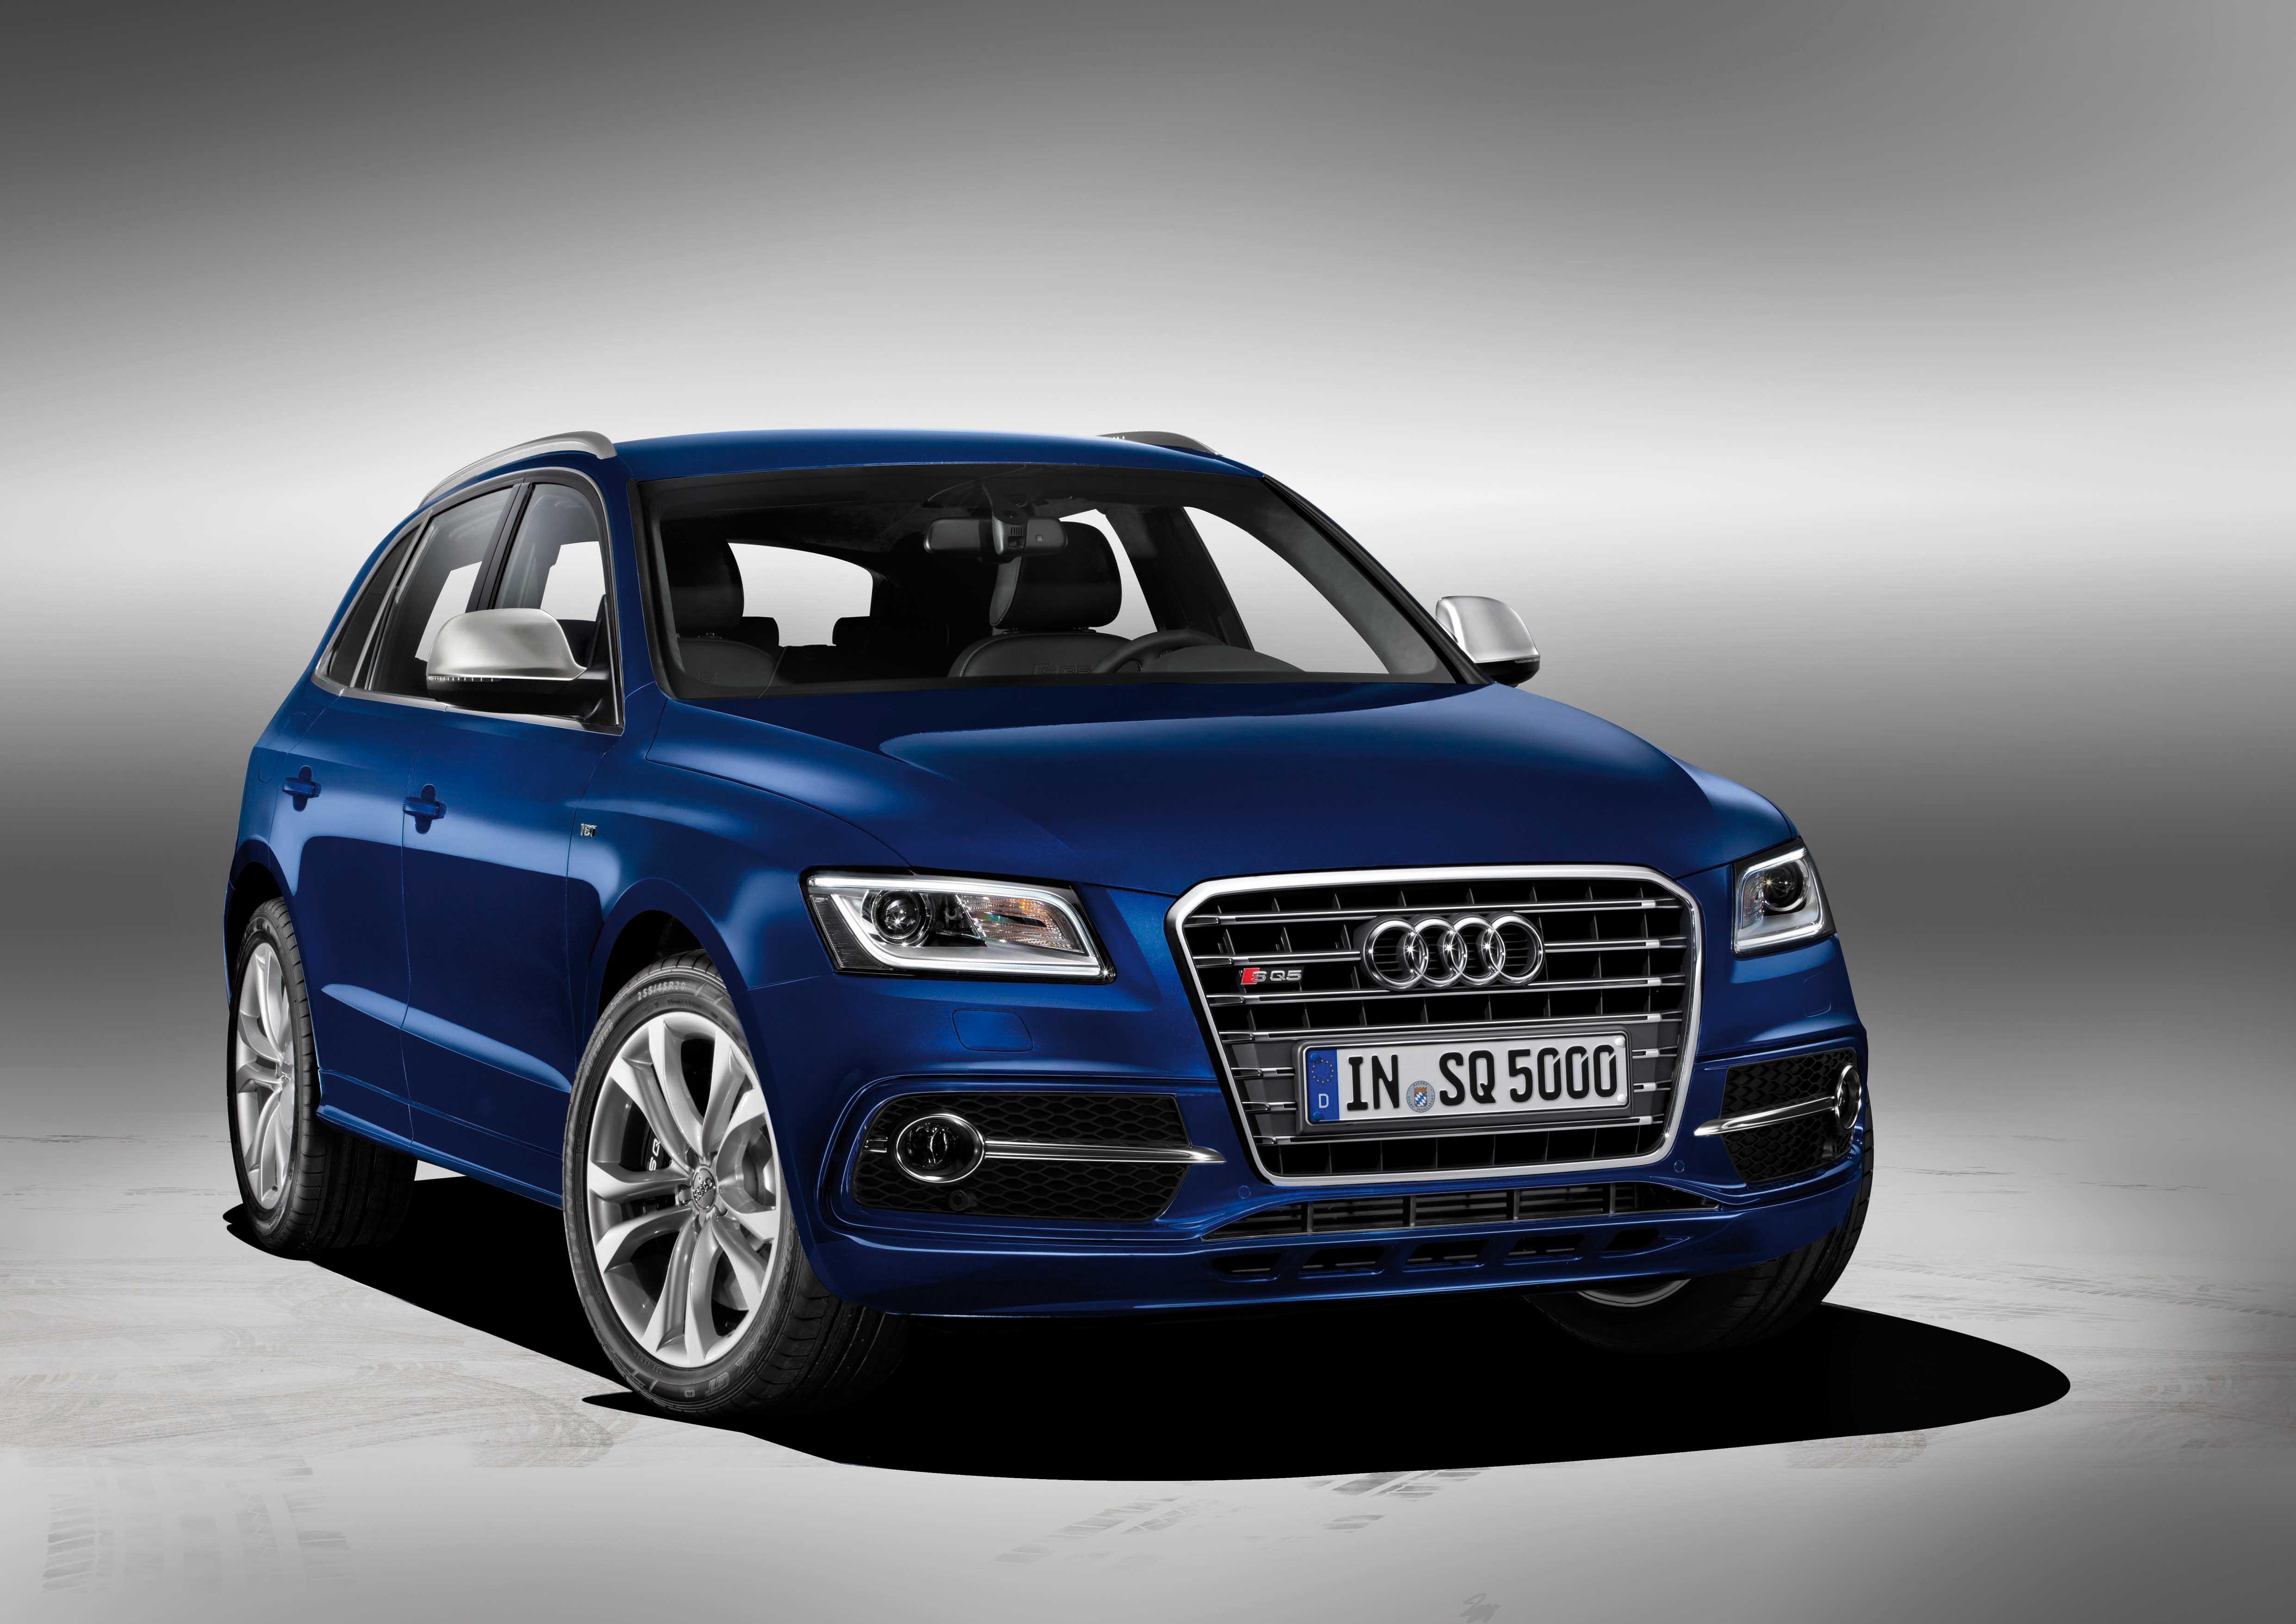 Audi 2012 Q5 versione S TDI V6 3.0 litri 313 Cv frontlat 1